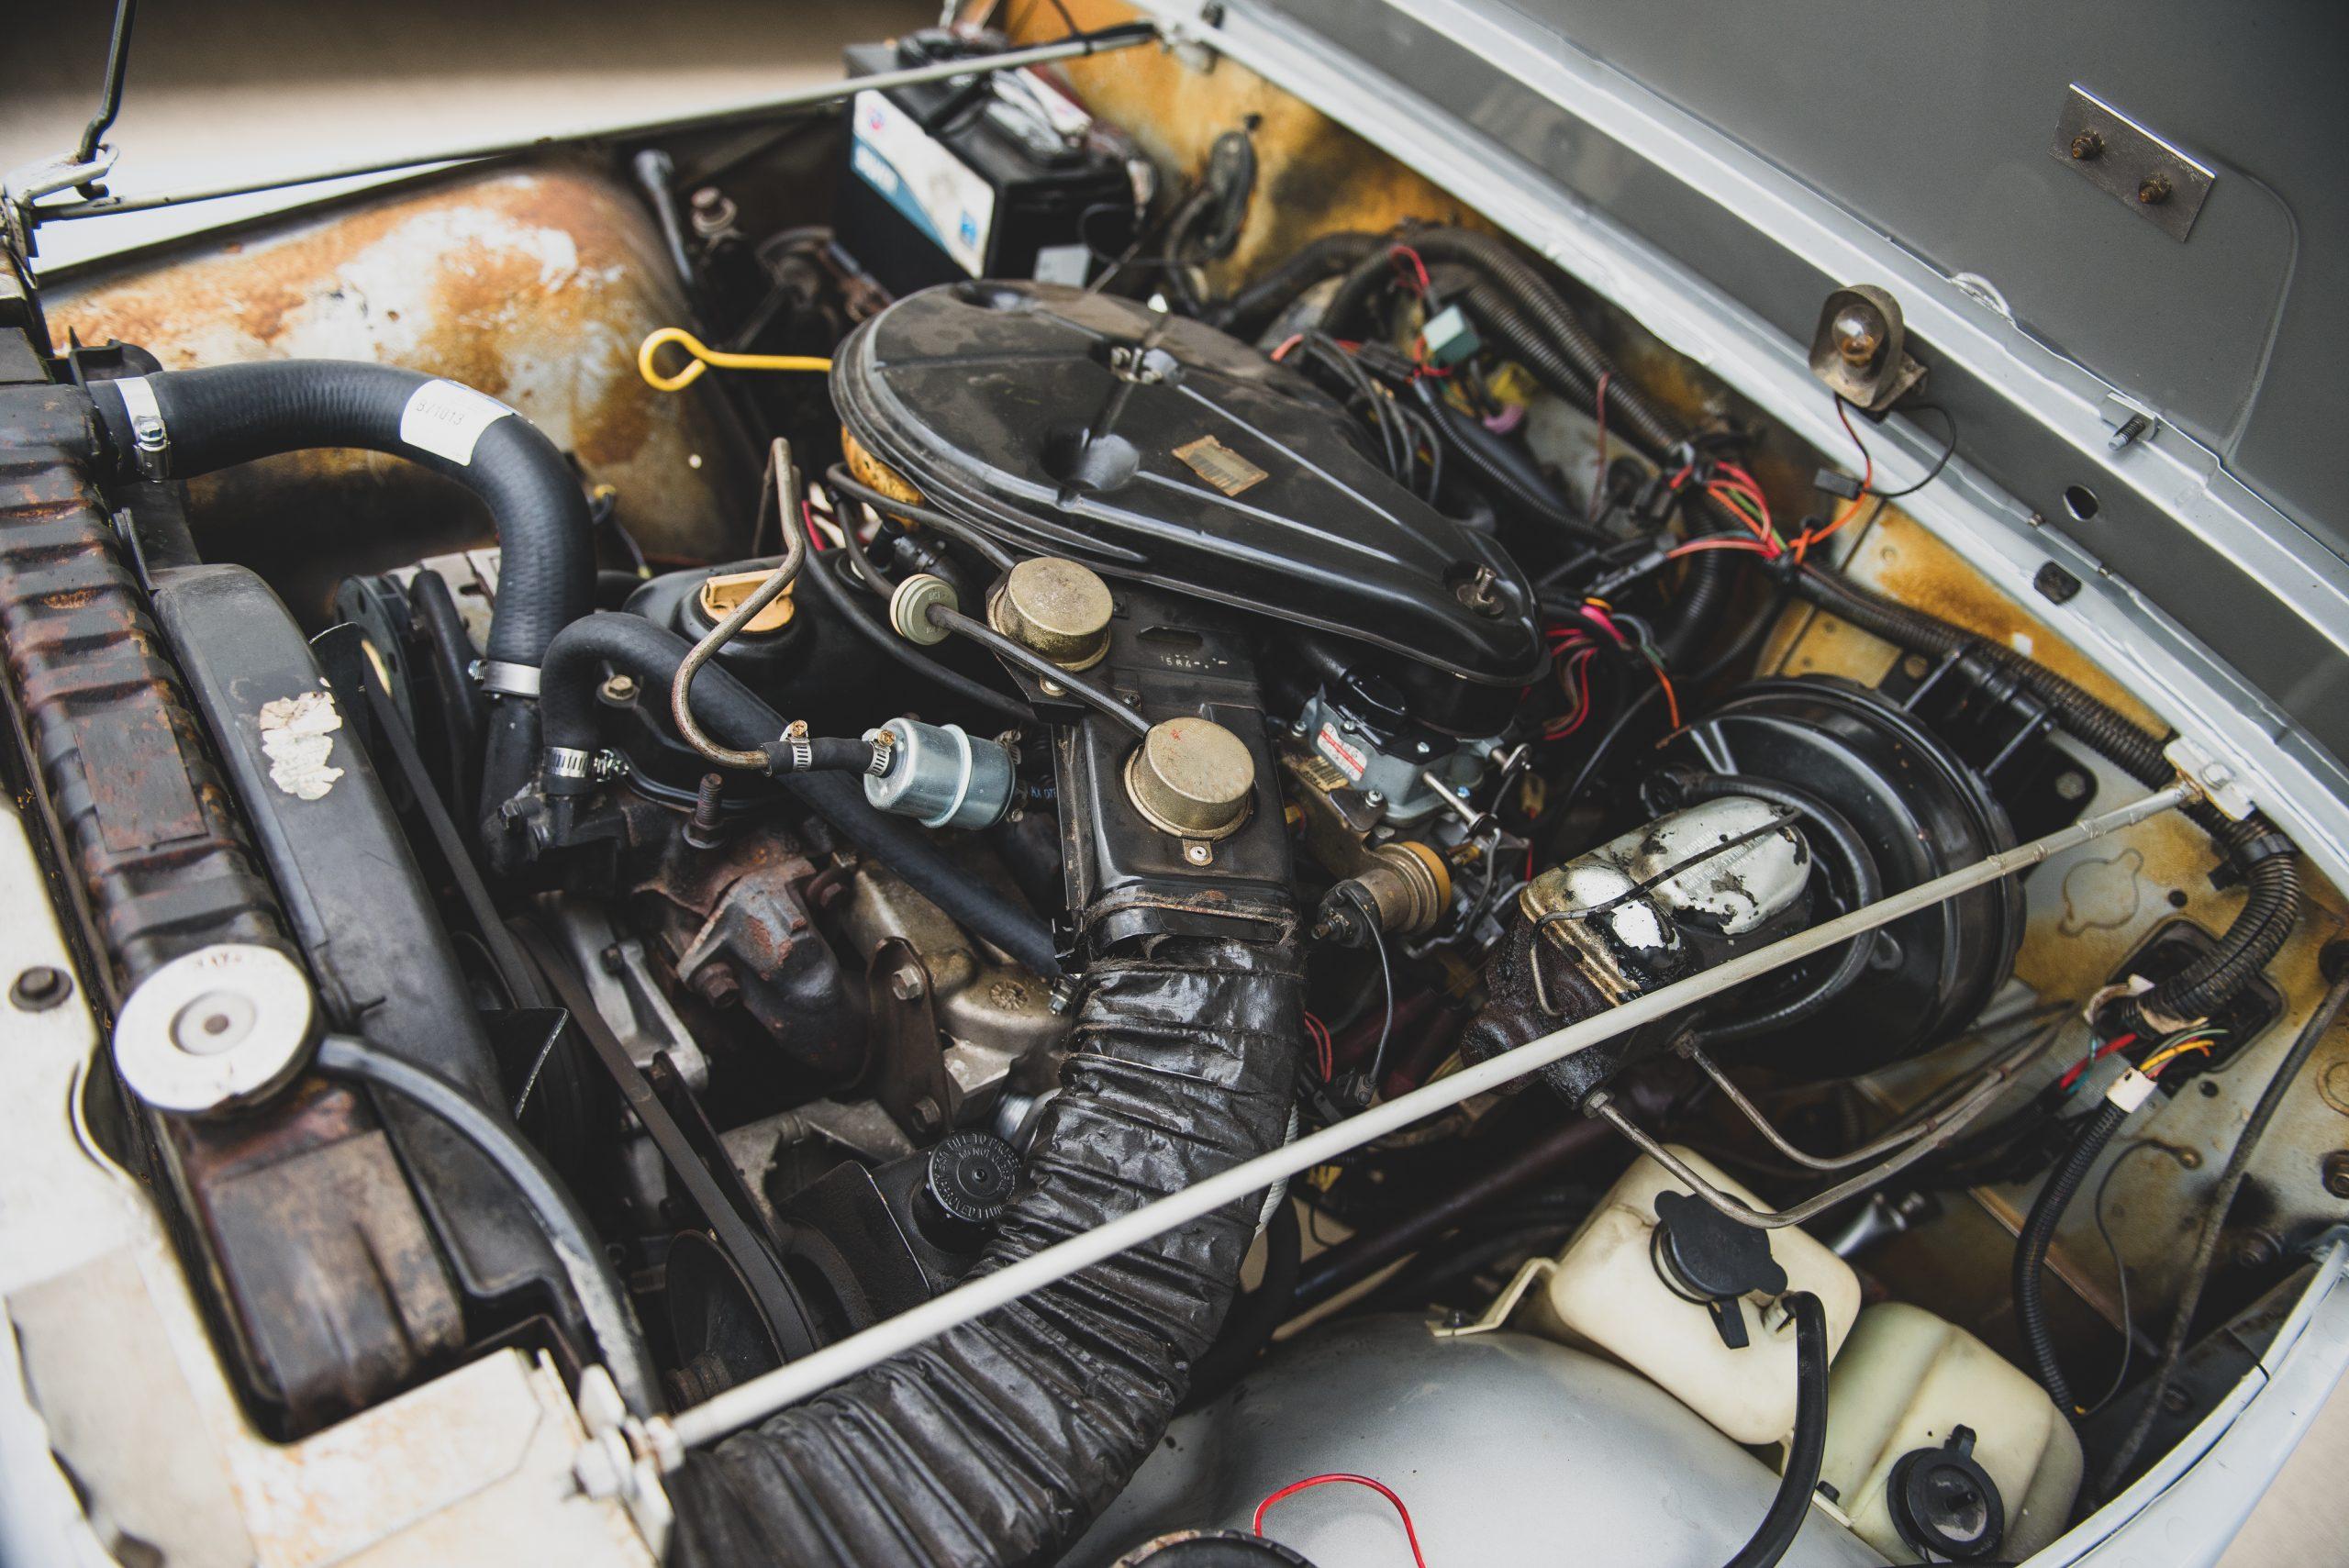 Jeep CJ7 Renegade engine